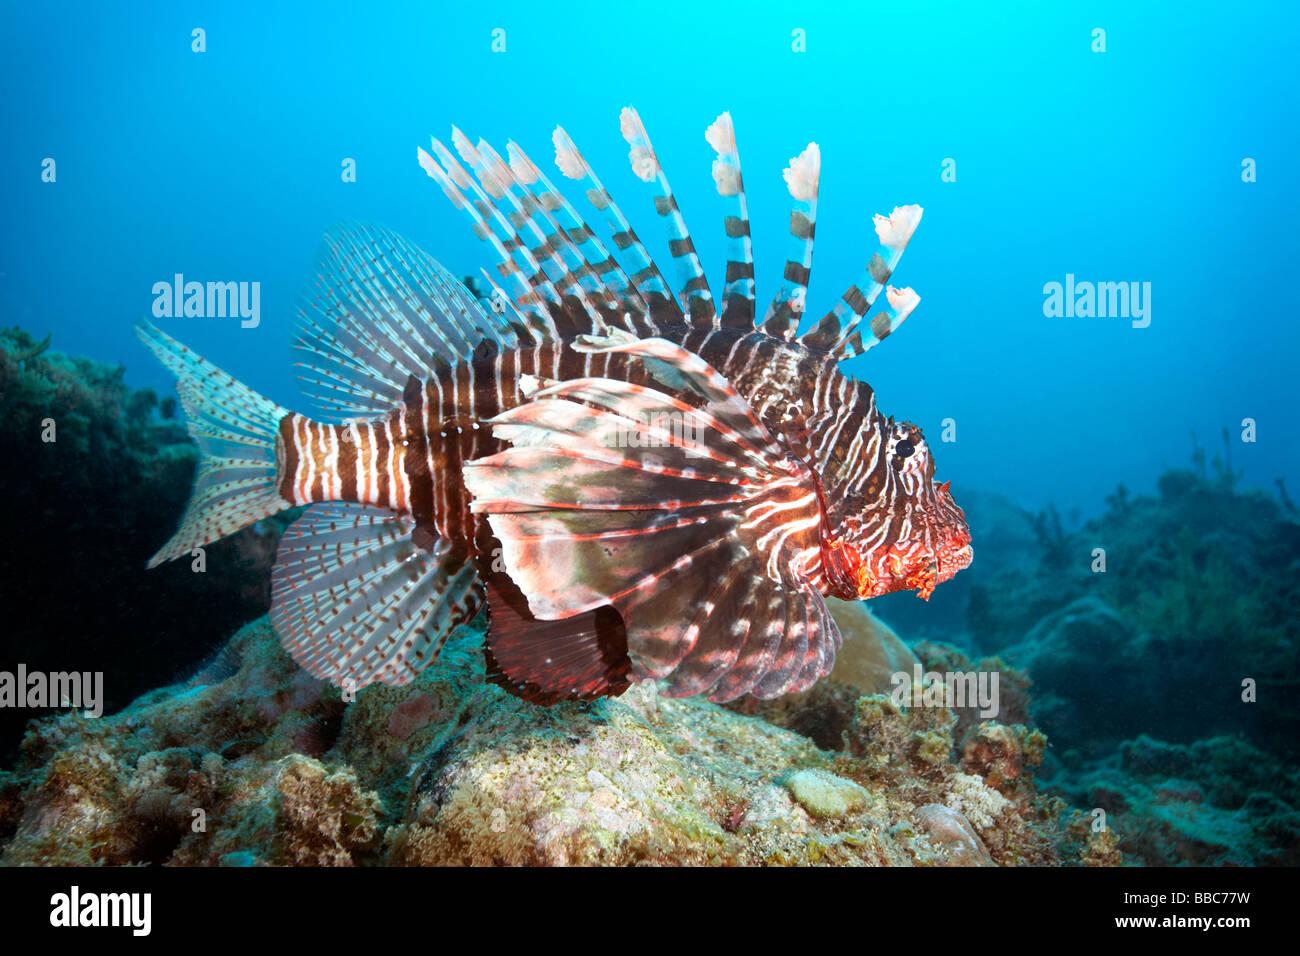 El pez león en el Arrecife Mikanda, Zanzíbar Imagen De Stock